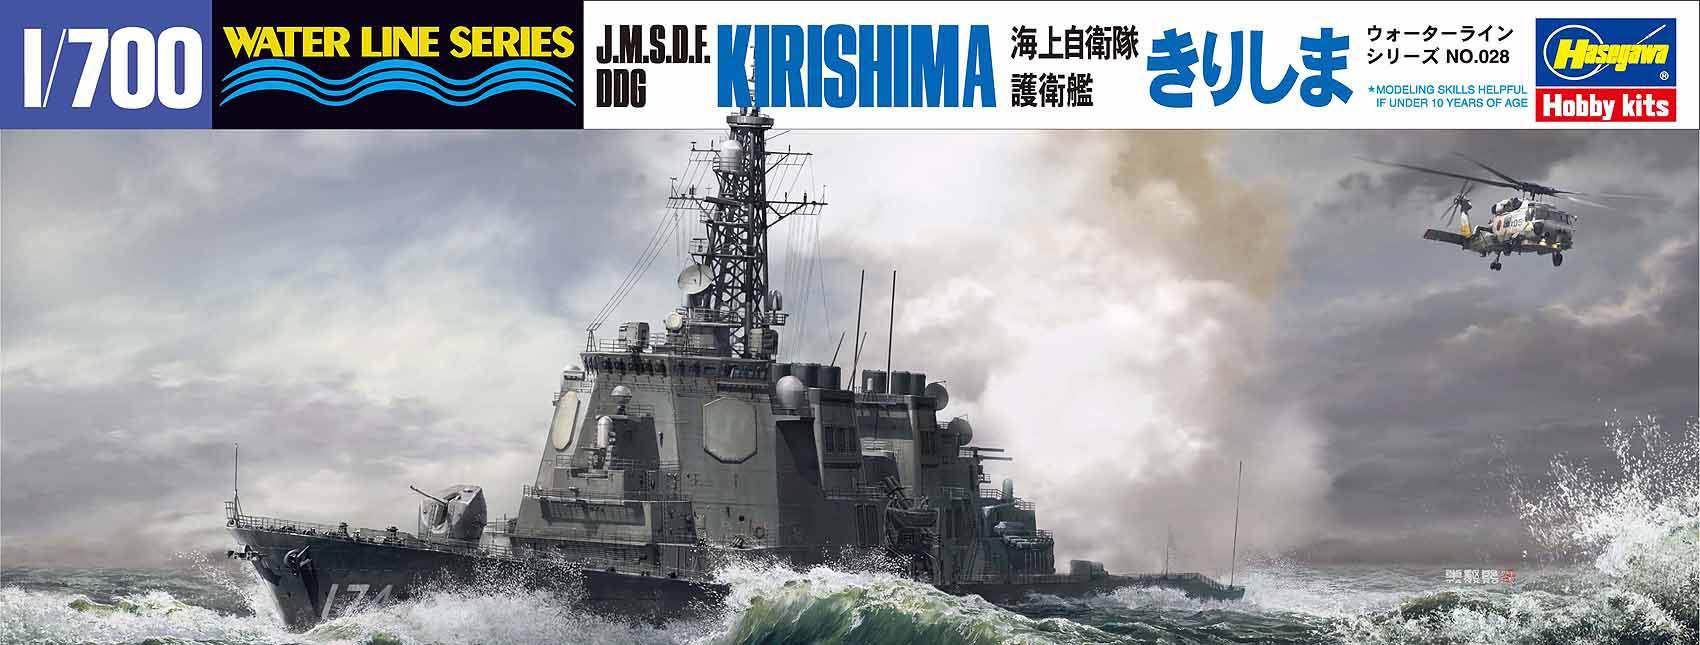 Hasegawa J.M.S.D.F. Ddg Kirishima